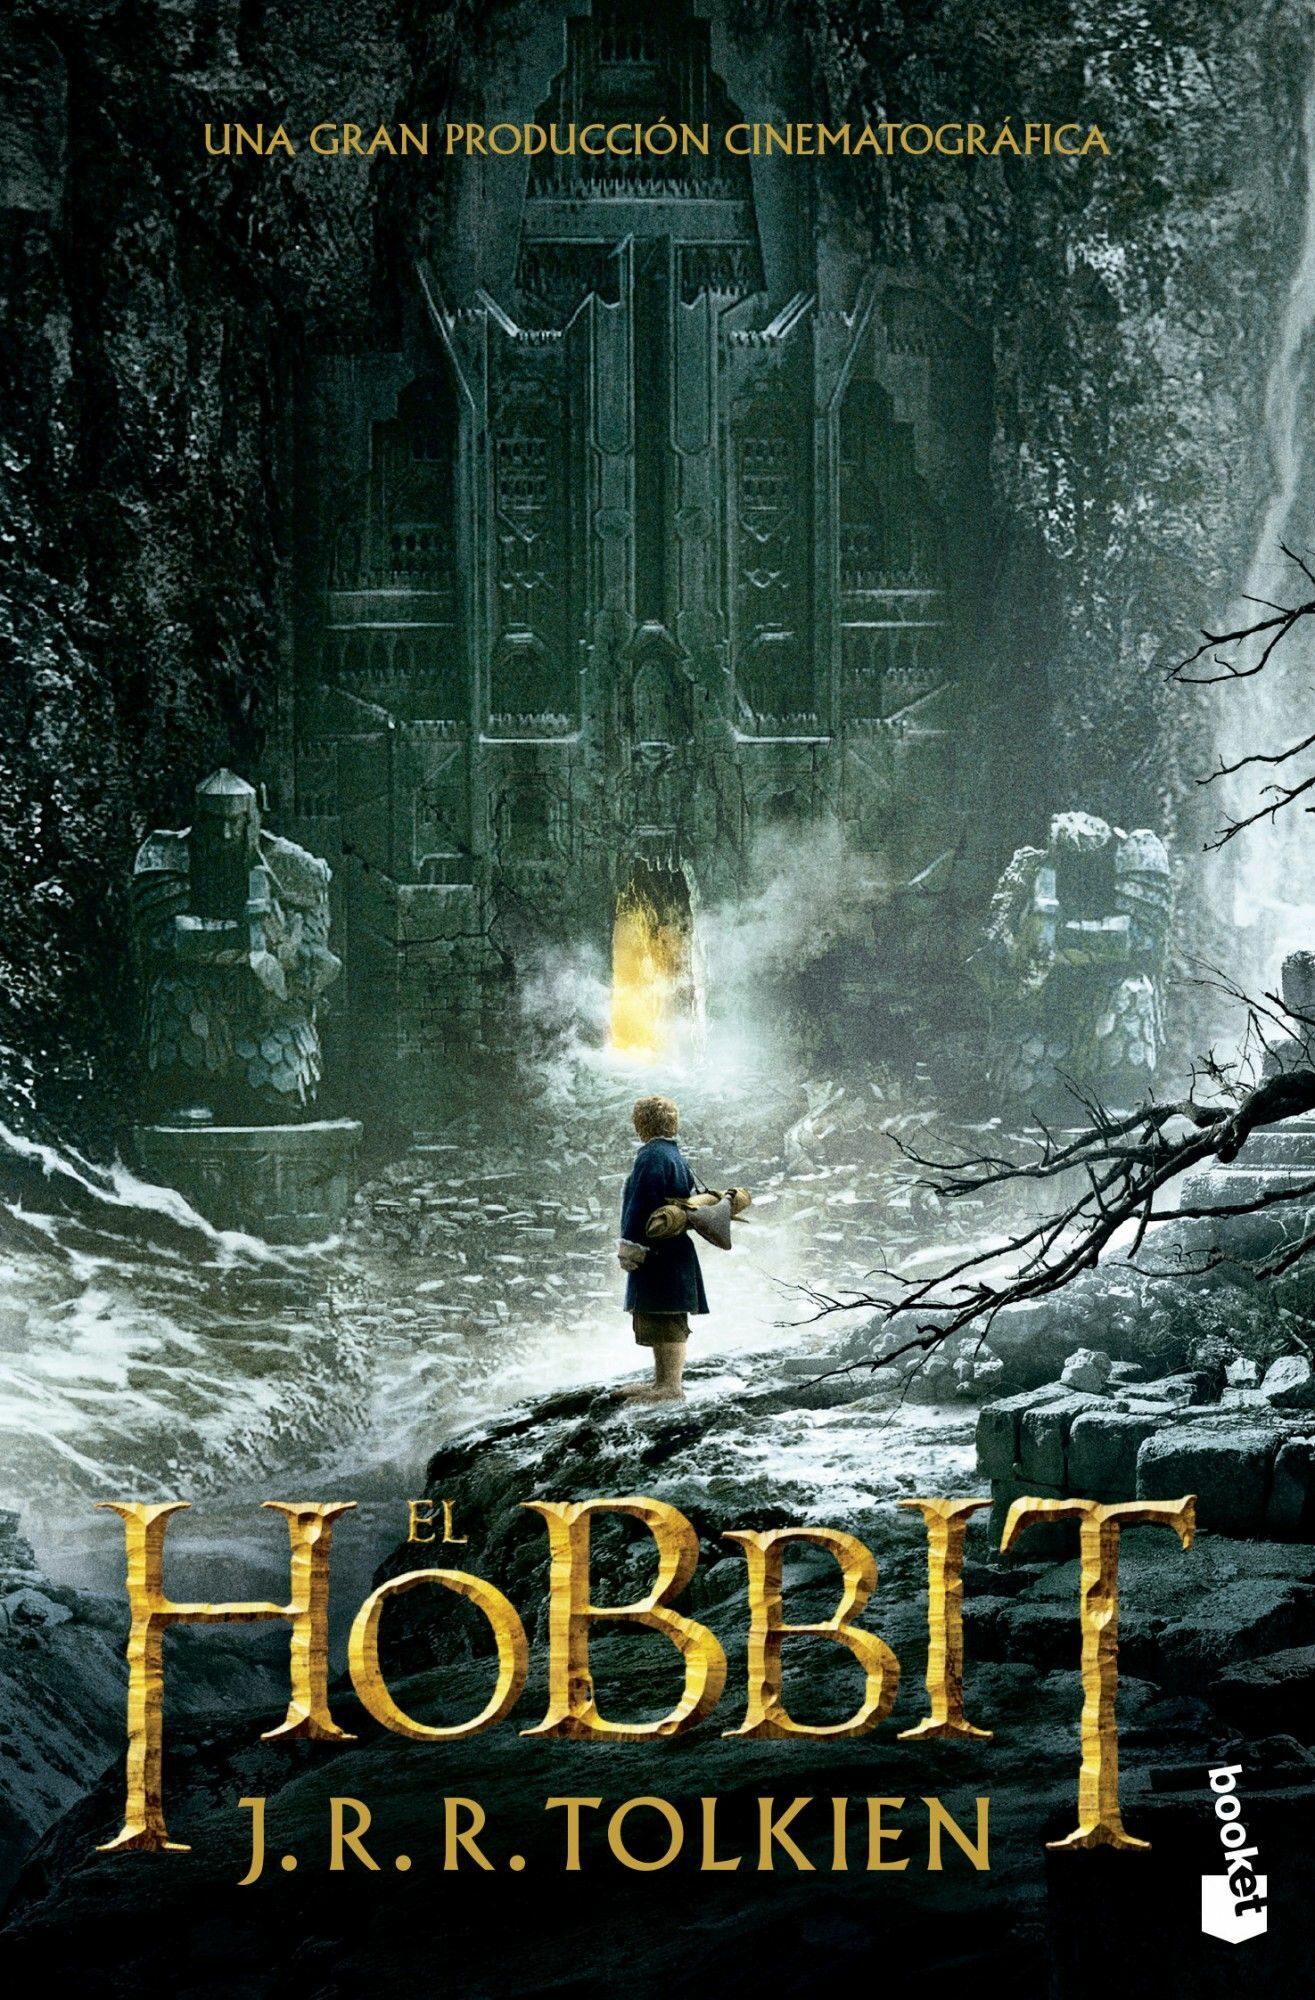 el hobbit libro ilustrado pdf